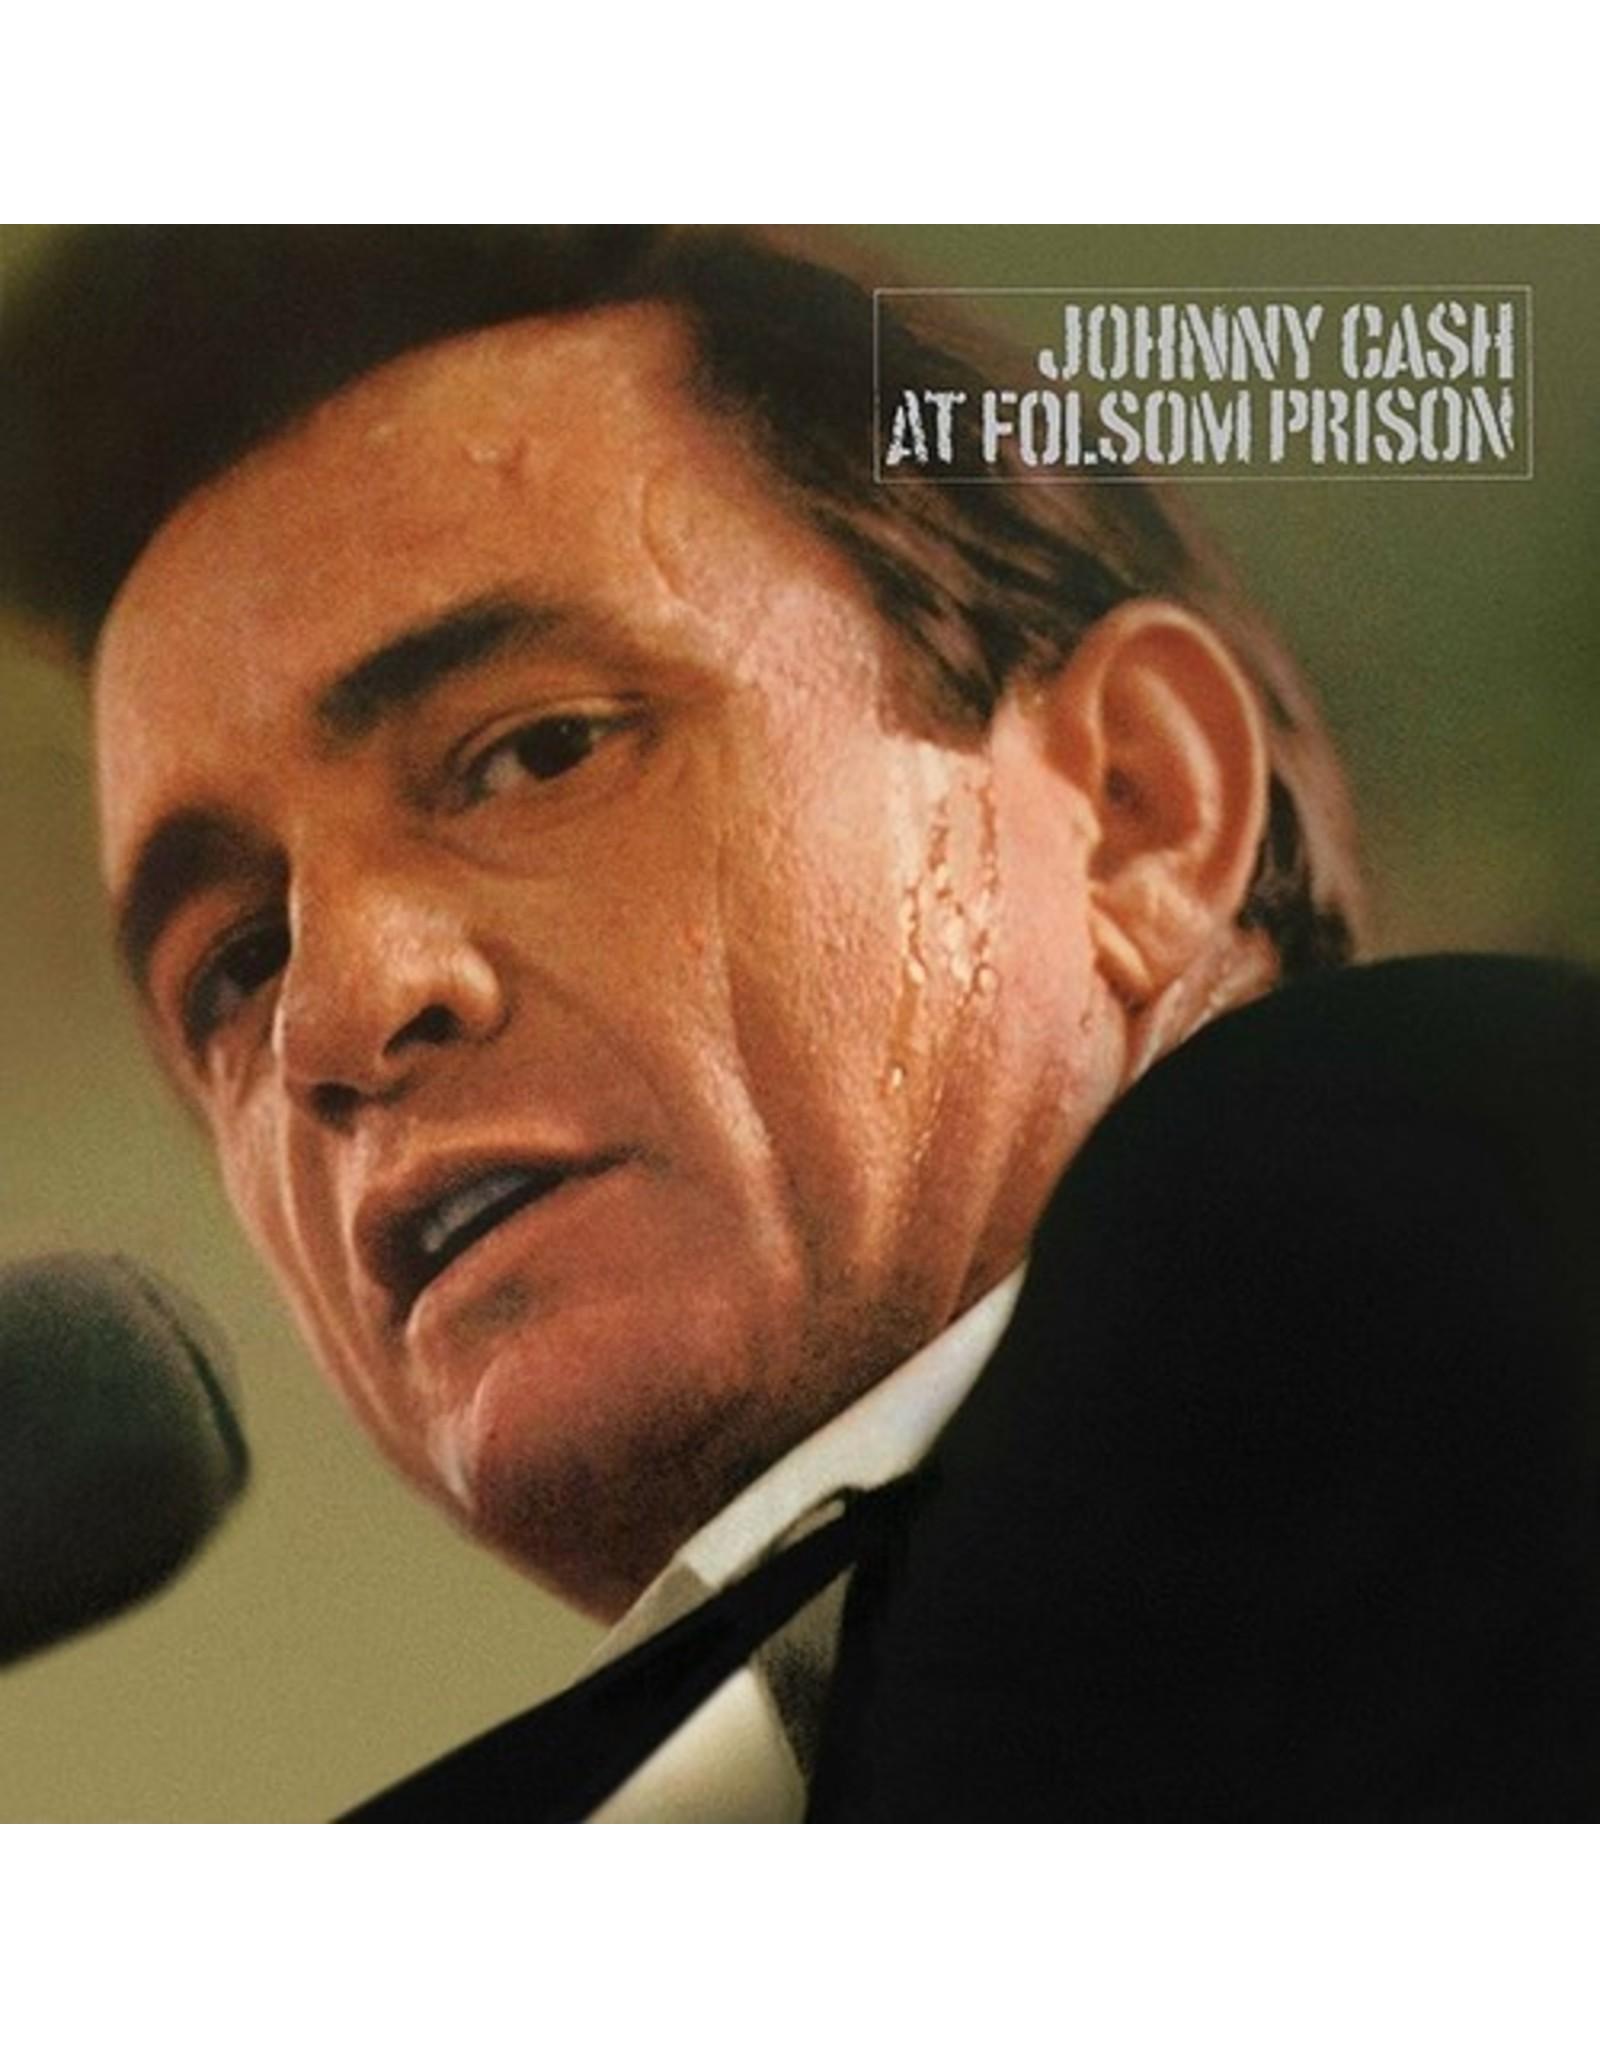 New Vinyl Johnny Cash - At Folsom Prison LP